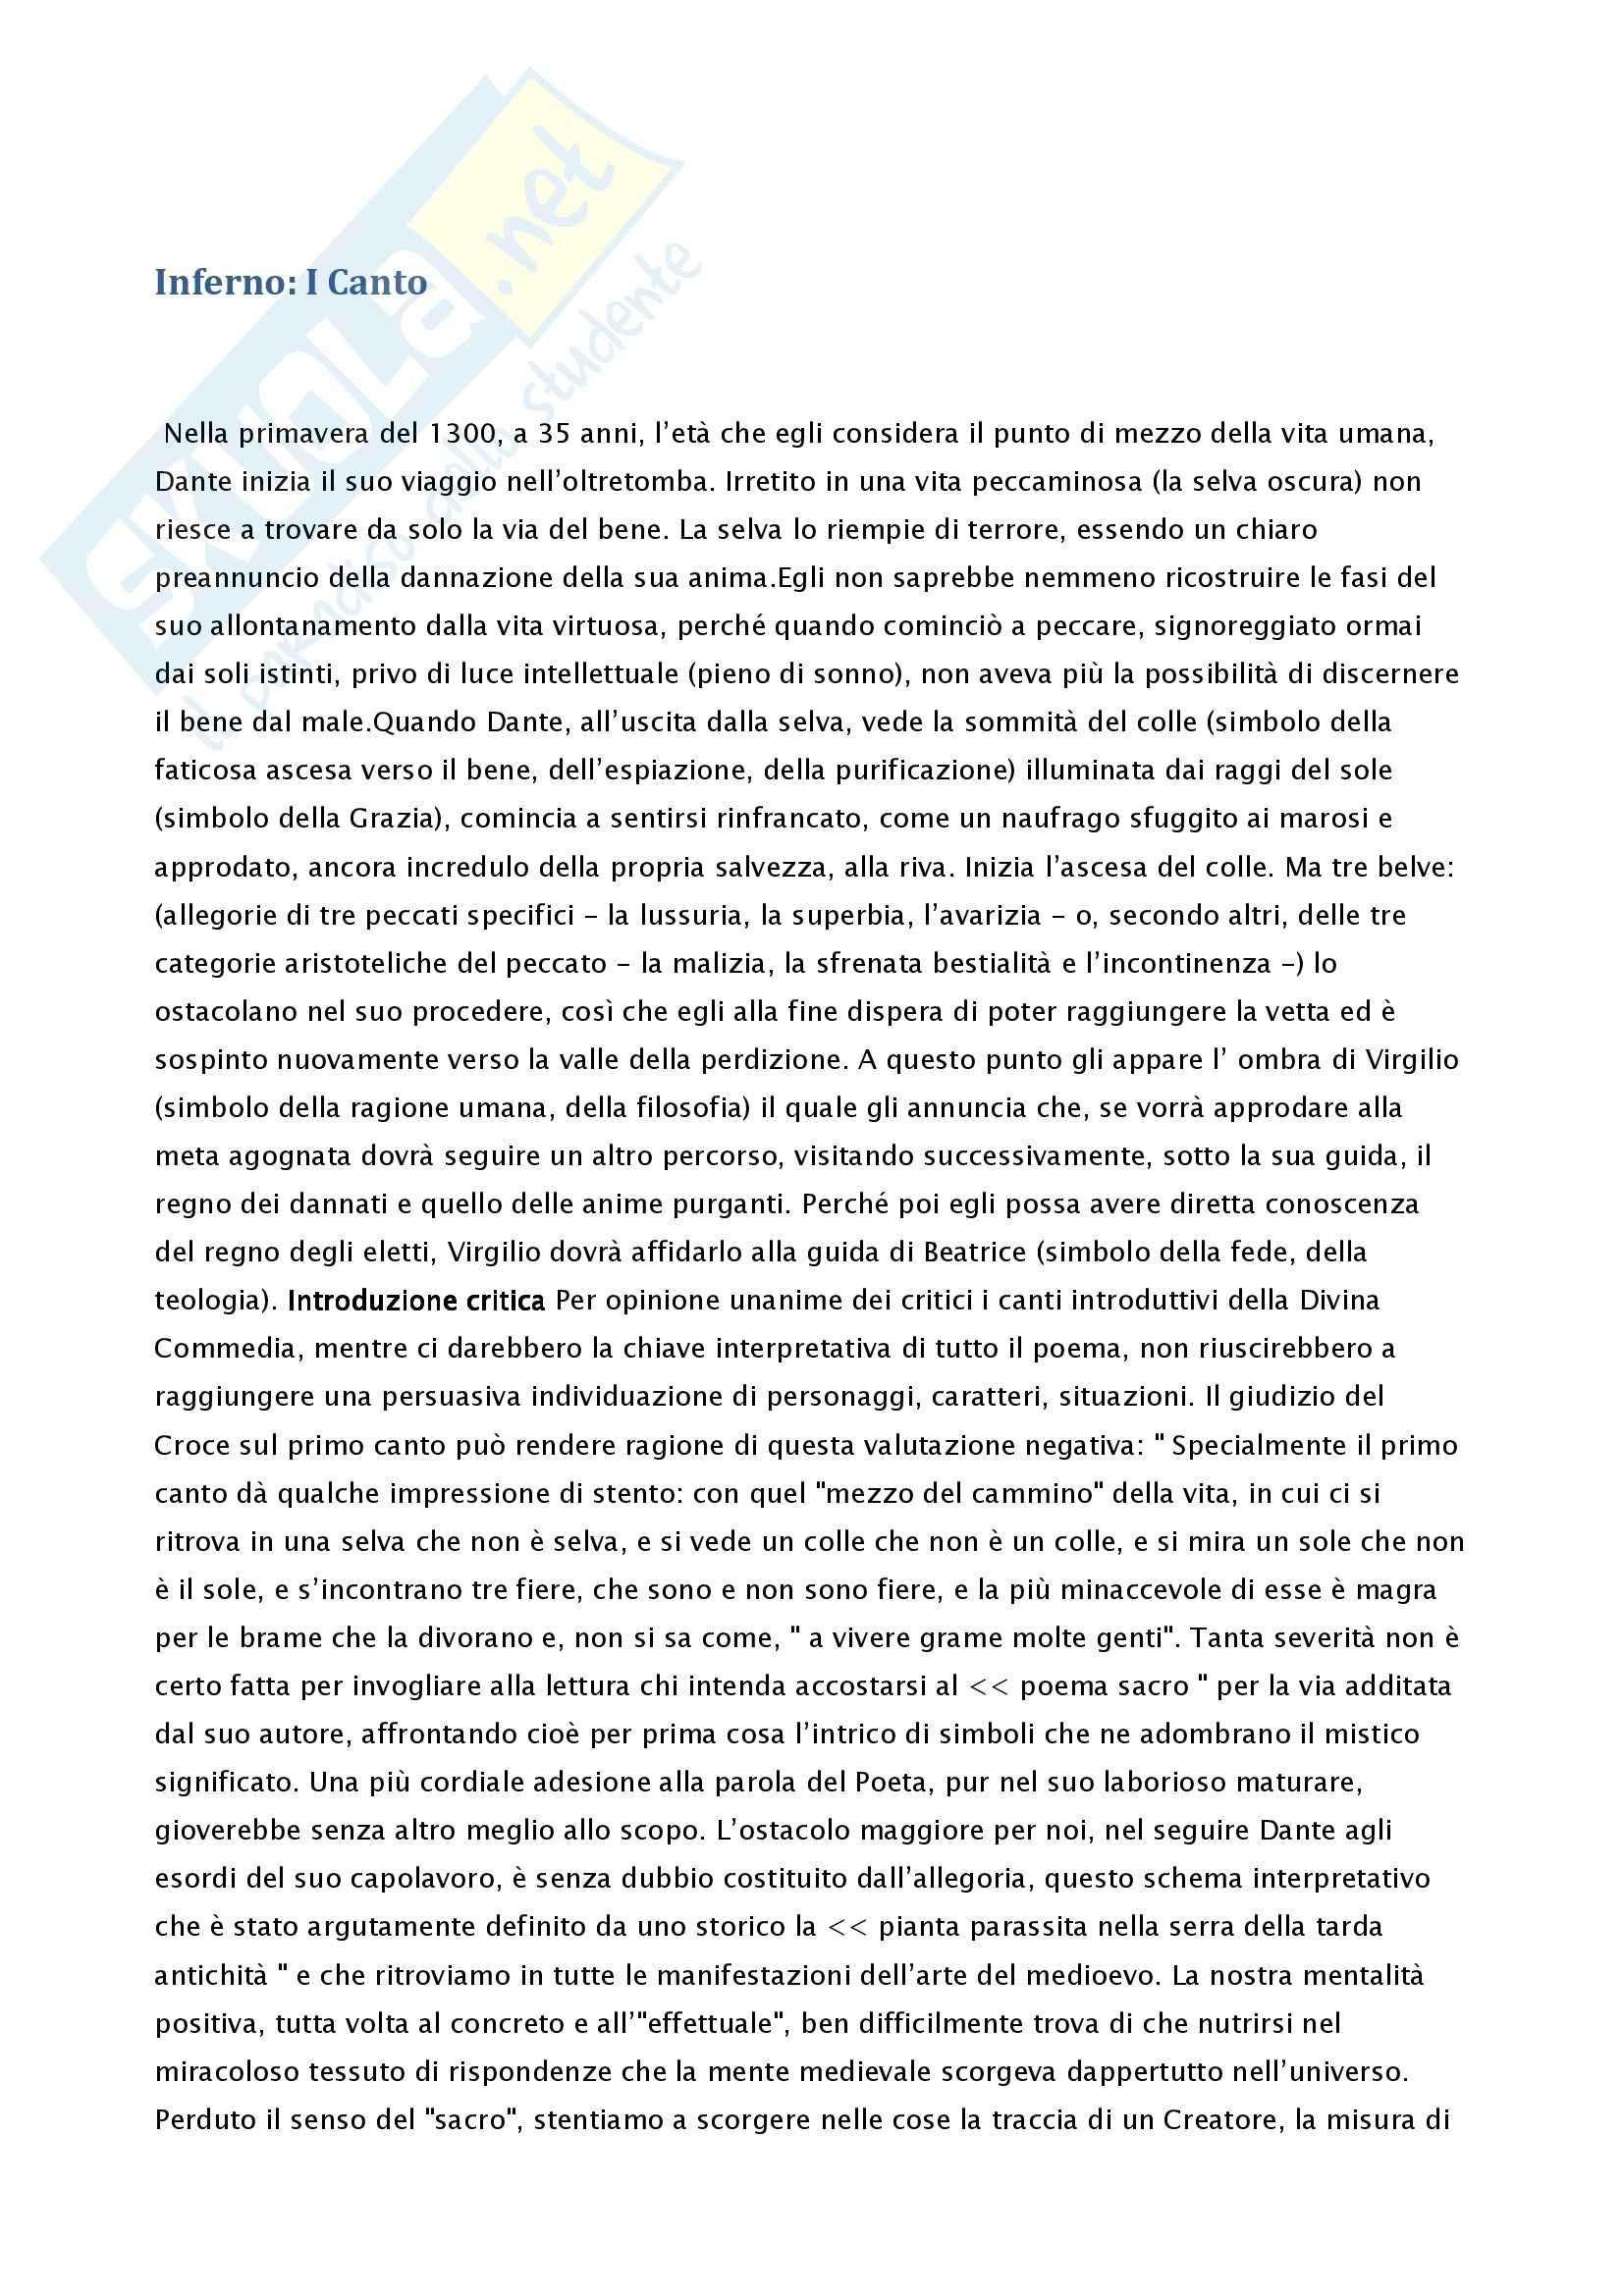 Letteratura italiana - parafrasi del Primo Canto della Divina Commedia